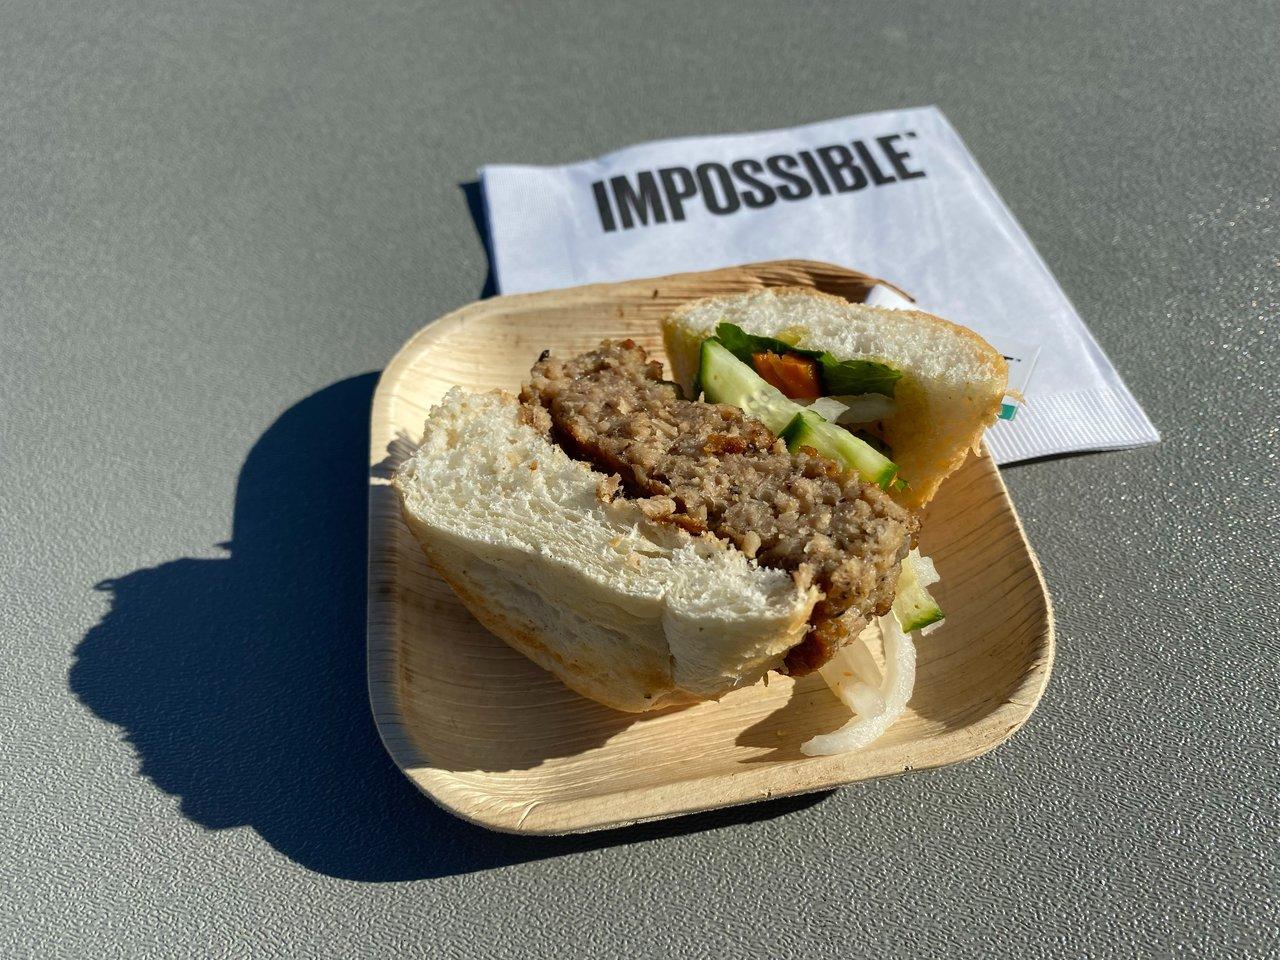 インポッシブル・フーズが披露した「人工豚肉」